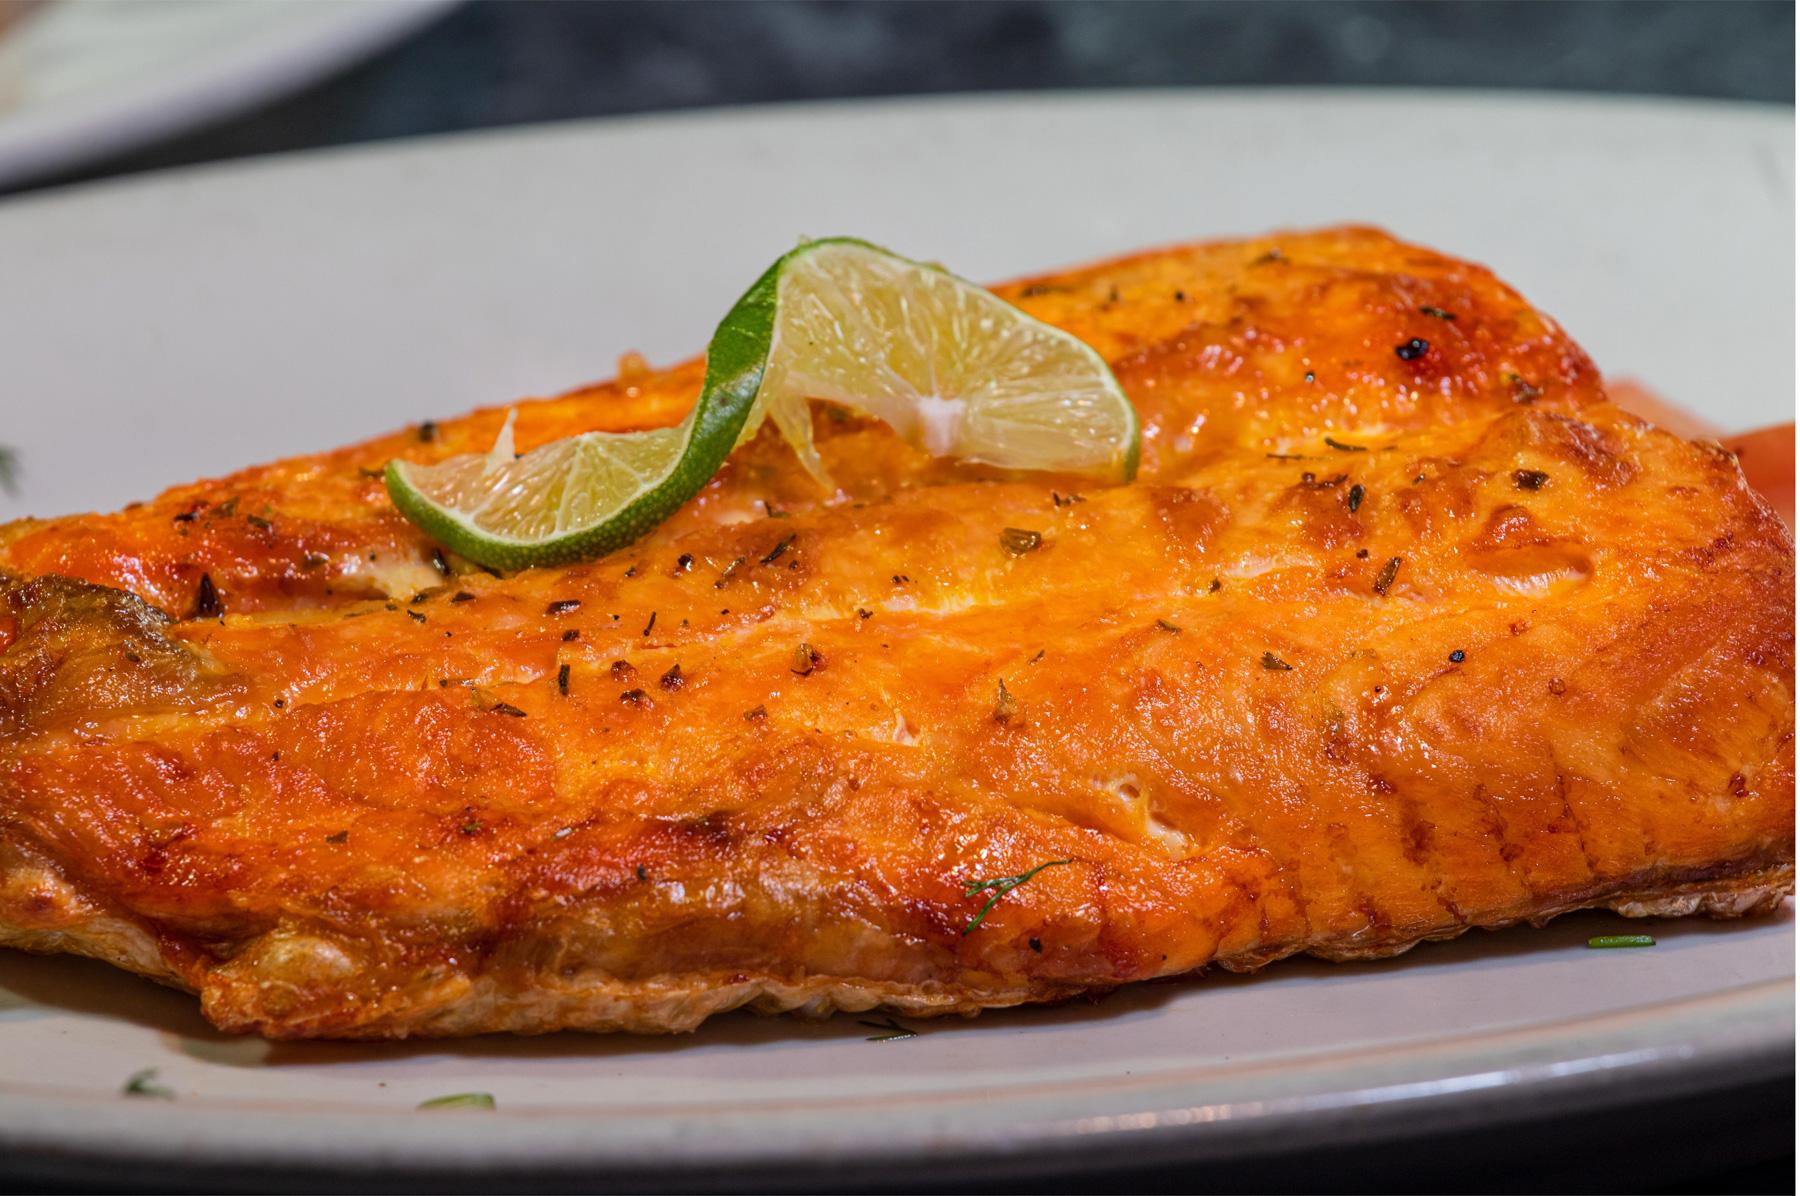 Filete de salmon a la plancha